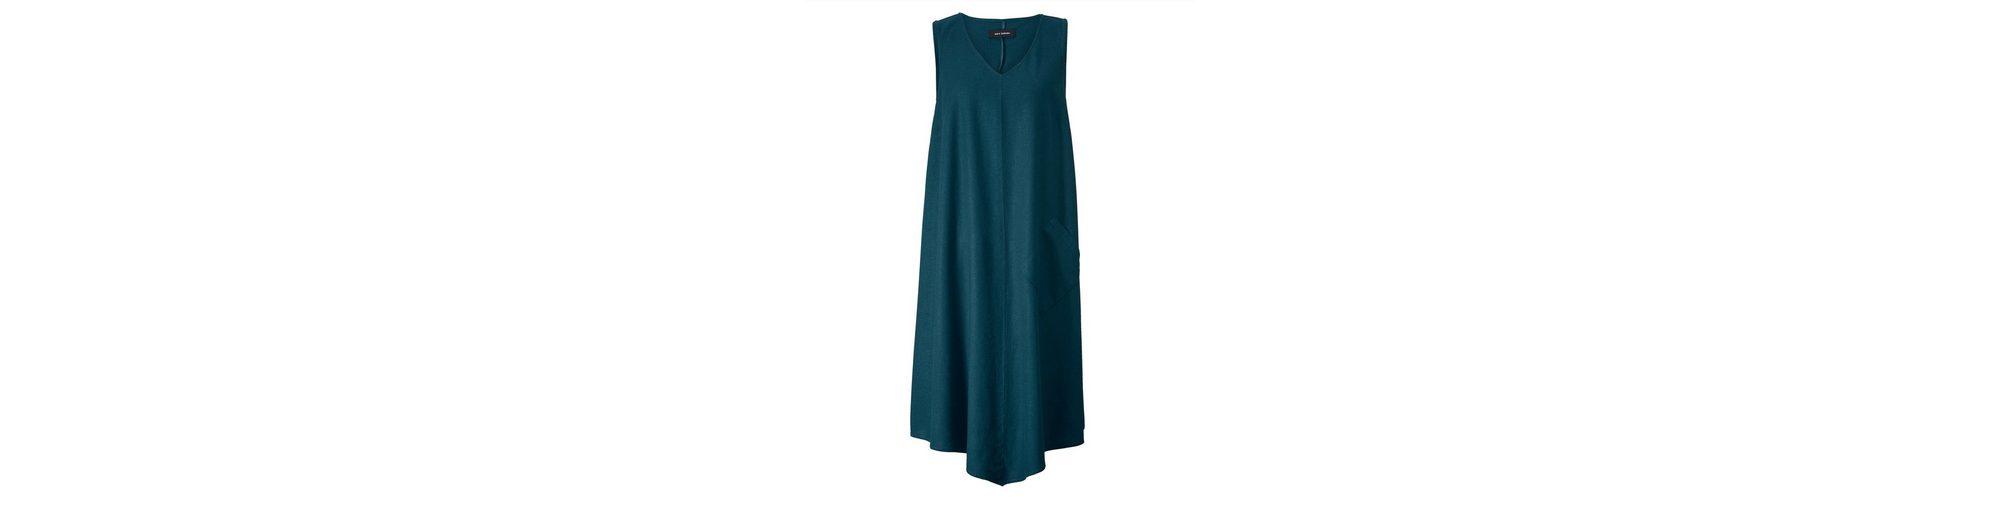 Große Auswahl An Sara Lindholm by Happy Size Kleid aus Leinenmischung Schnelle Lieferung xtB6zJ